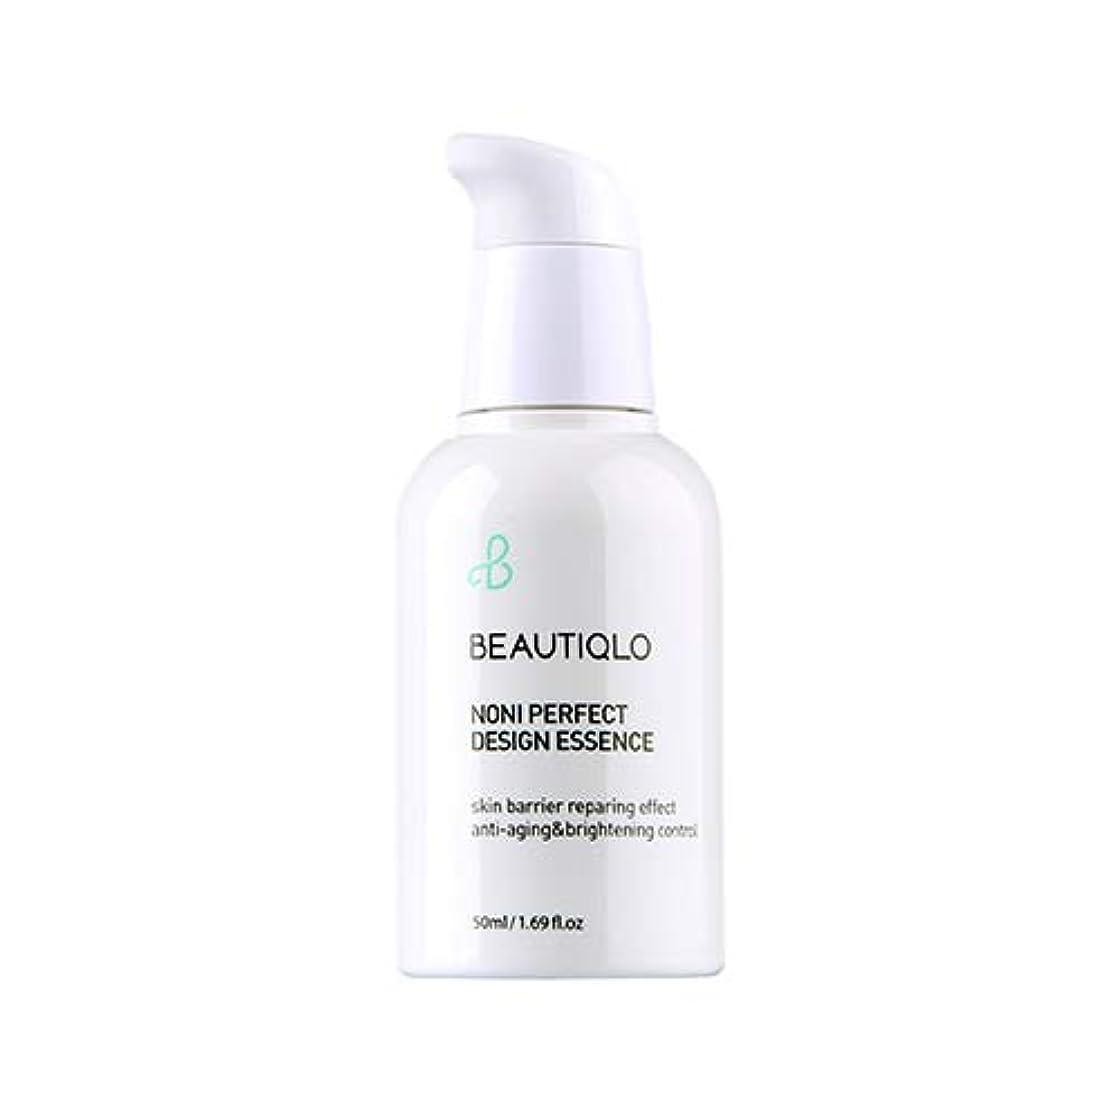 許される事業内容解明する韓国化粧品 BEAUTIQLO NONI PERFECT DESIGN ESSENCE ビューティクロ ノニパーフェクトデザインエッセンス